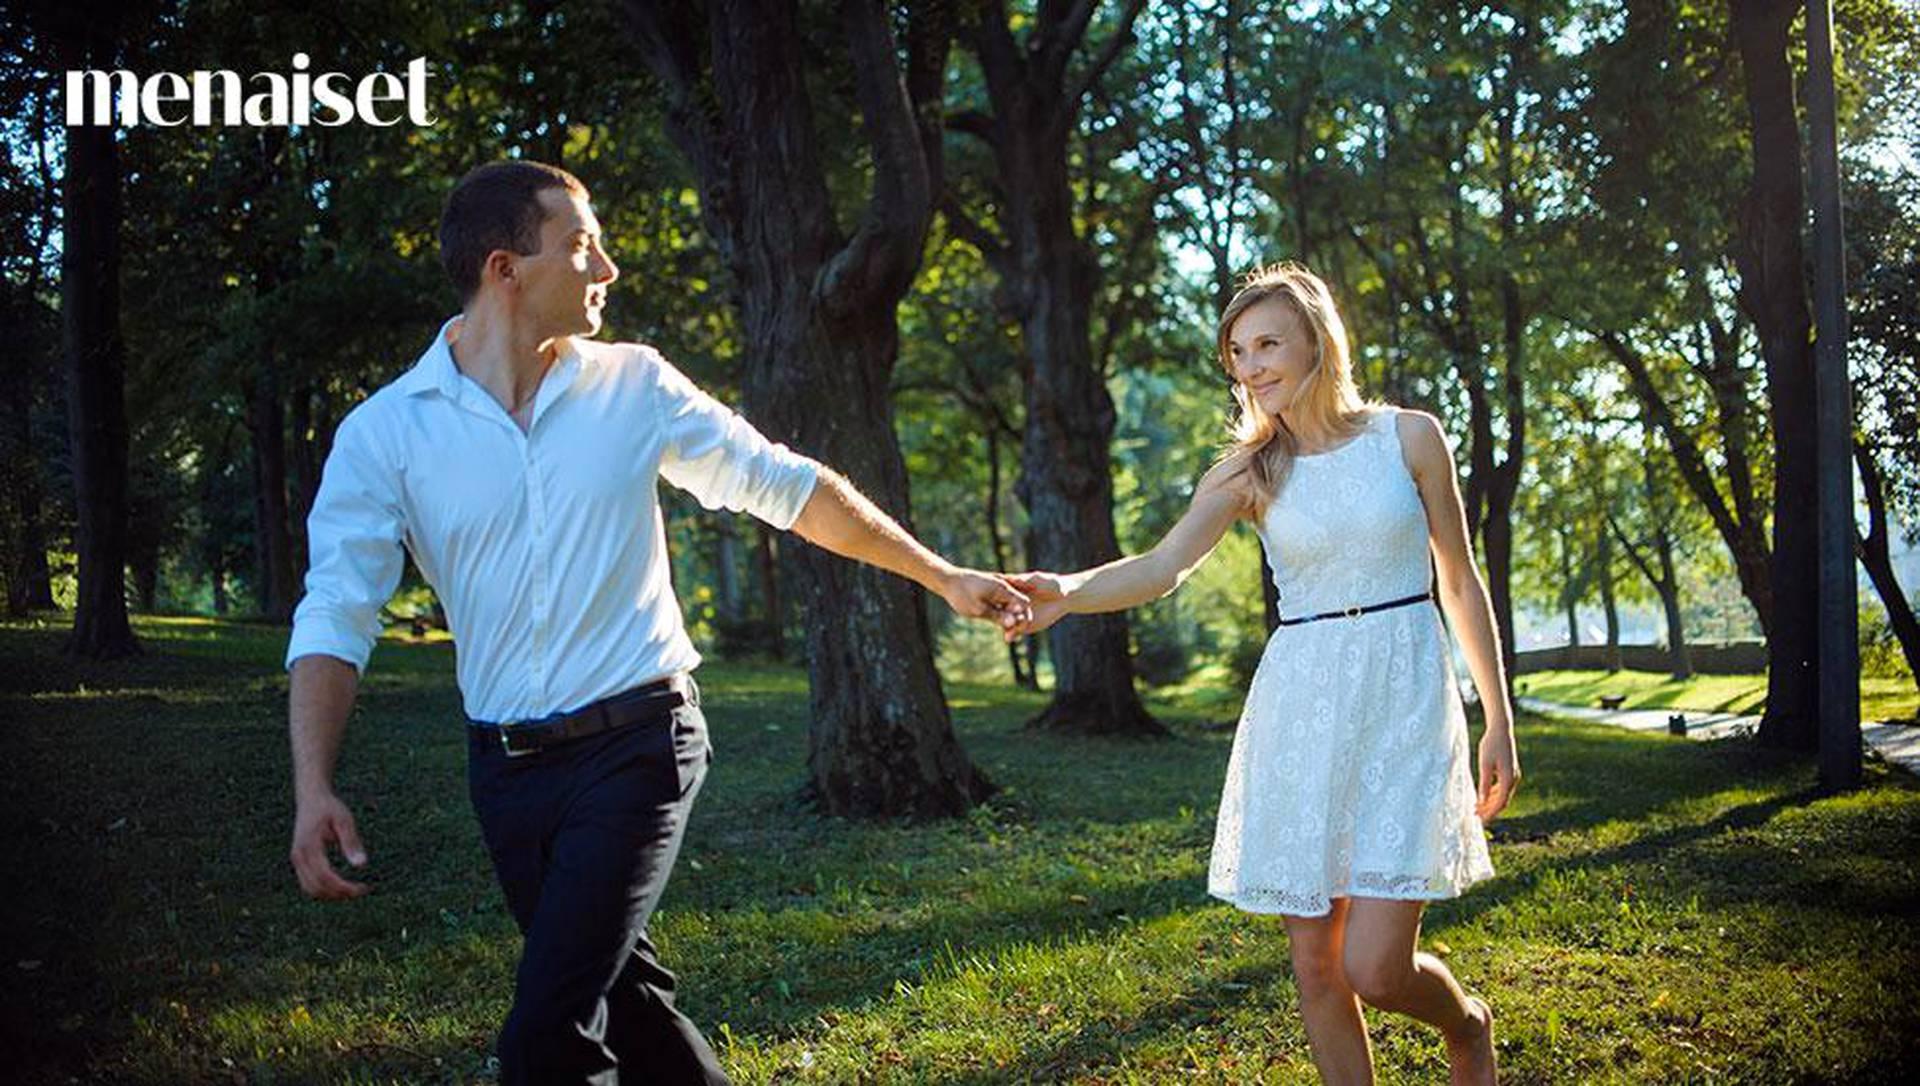 Kuinka kauan odottaa, kunnes dating avio eron jälkeen